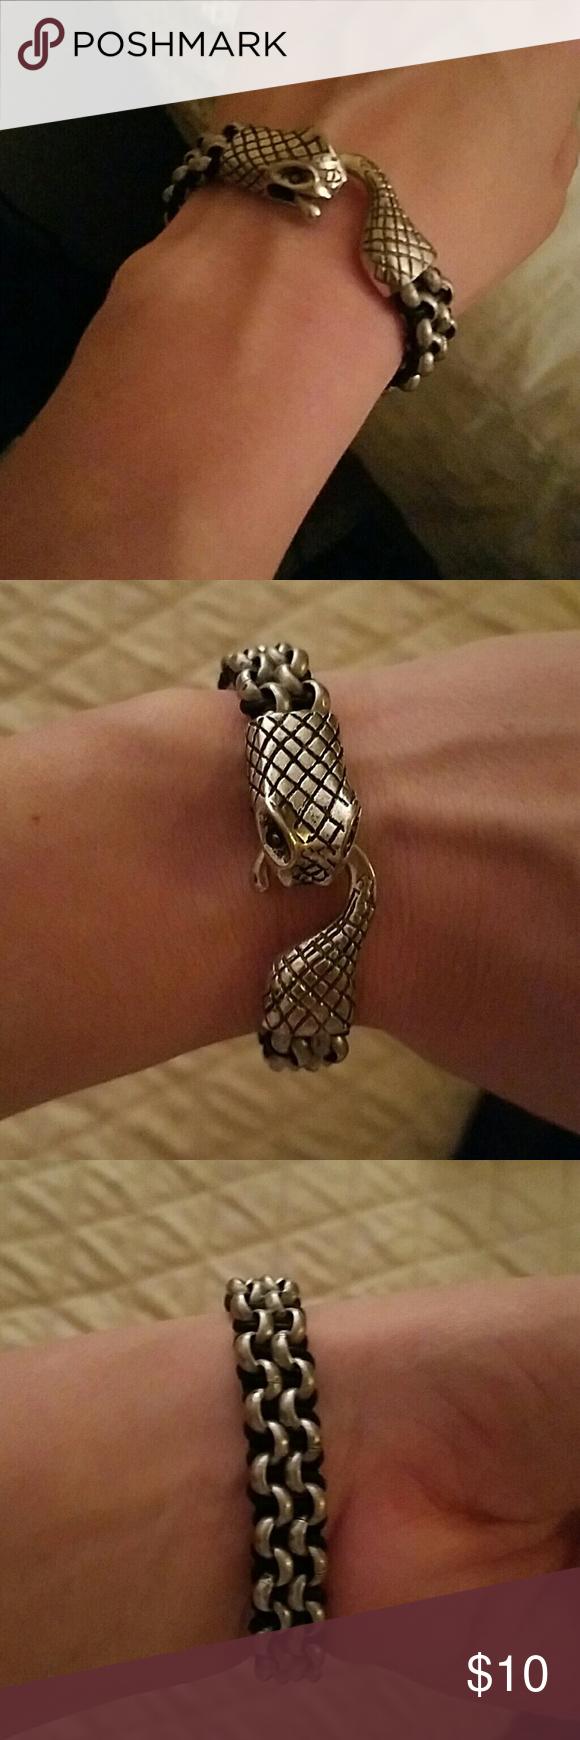 Snake bracelet Snake clasp silver and black bracelet 7.25 inches long Jewelry Bracelets